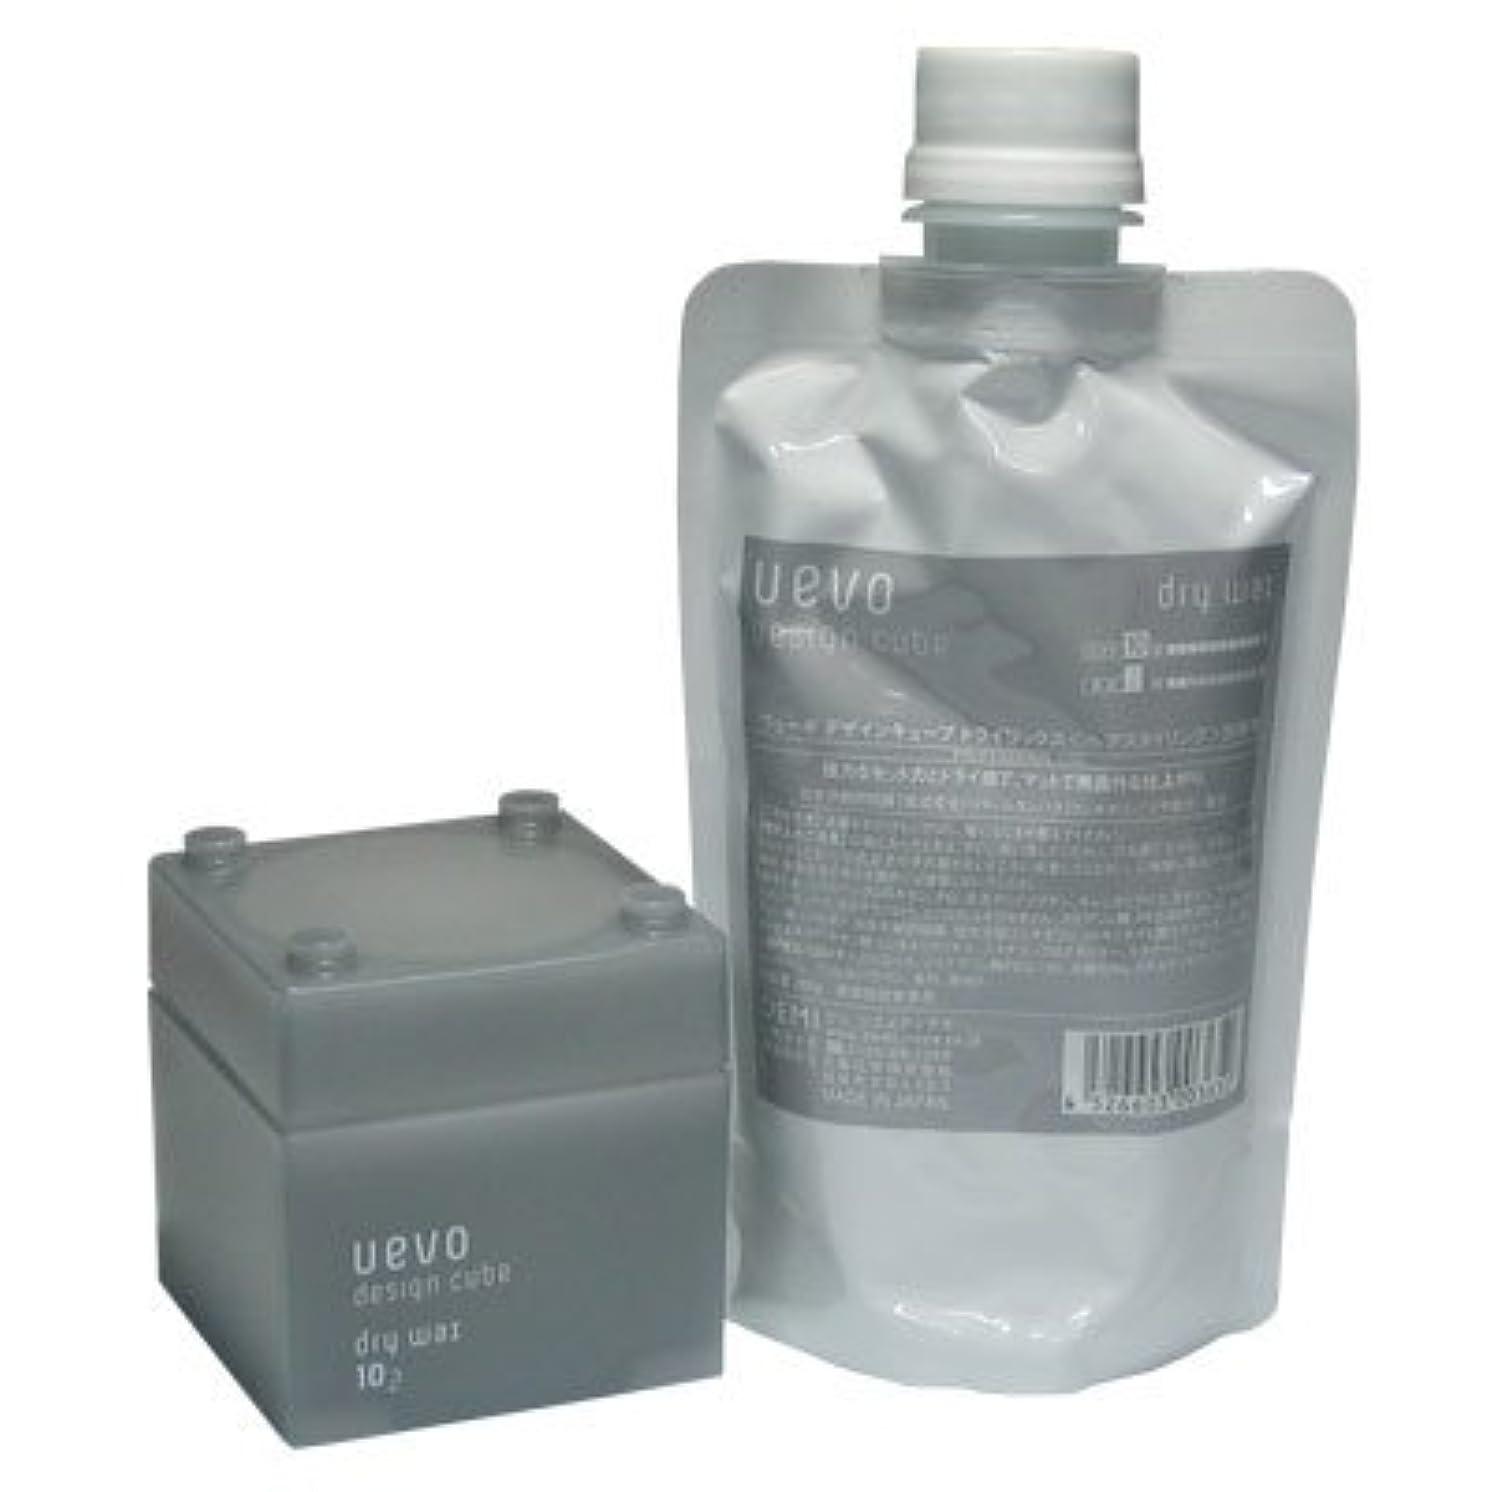 同化乱気流いわゆるデミ ウェーボ デザインキューブ ドライワックス 10-2 80g&200g